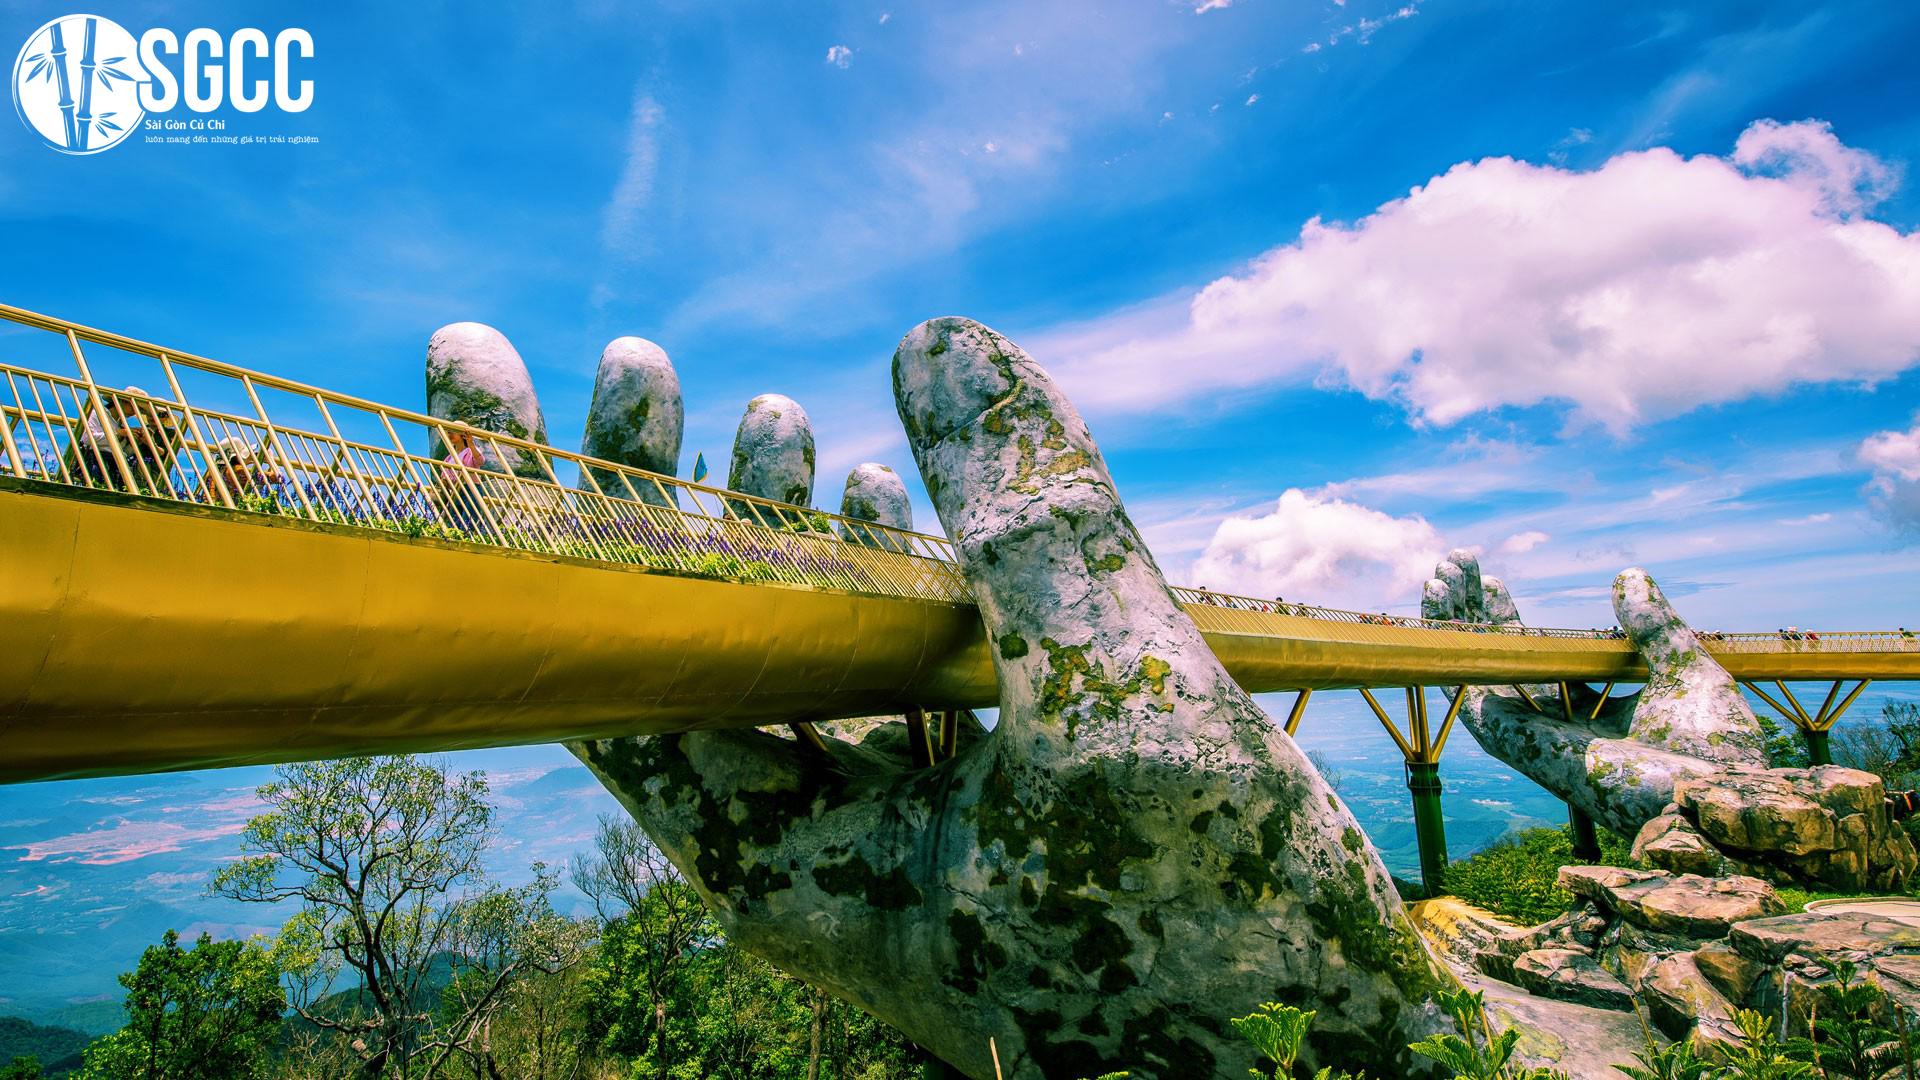 Du lịch Bà Nà Hills – địa điểm chưa một lần hết hot